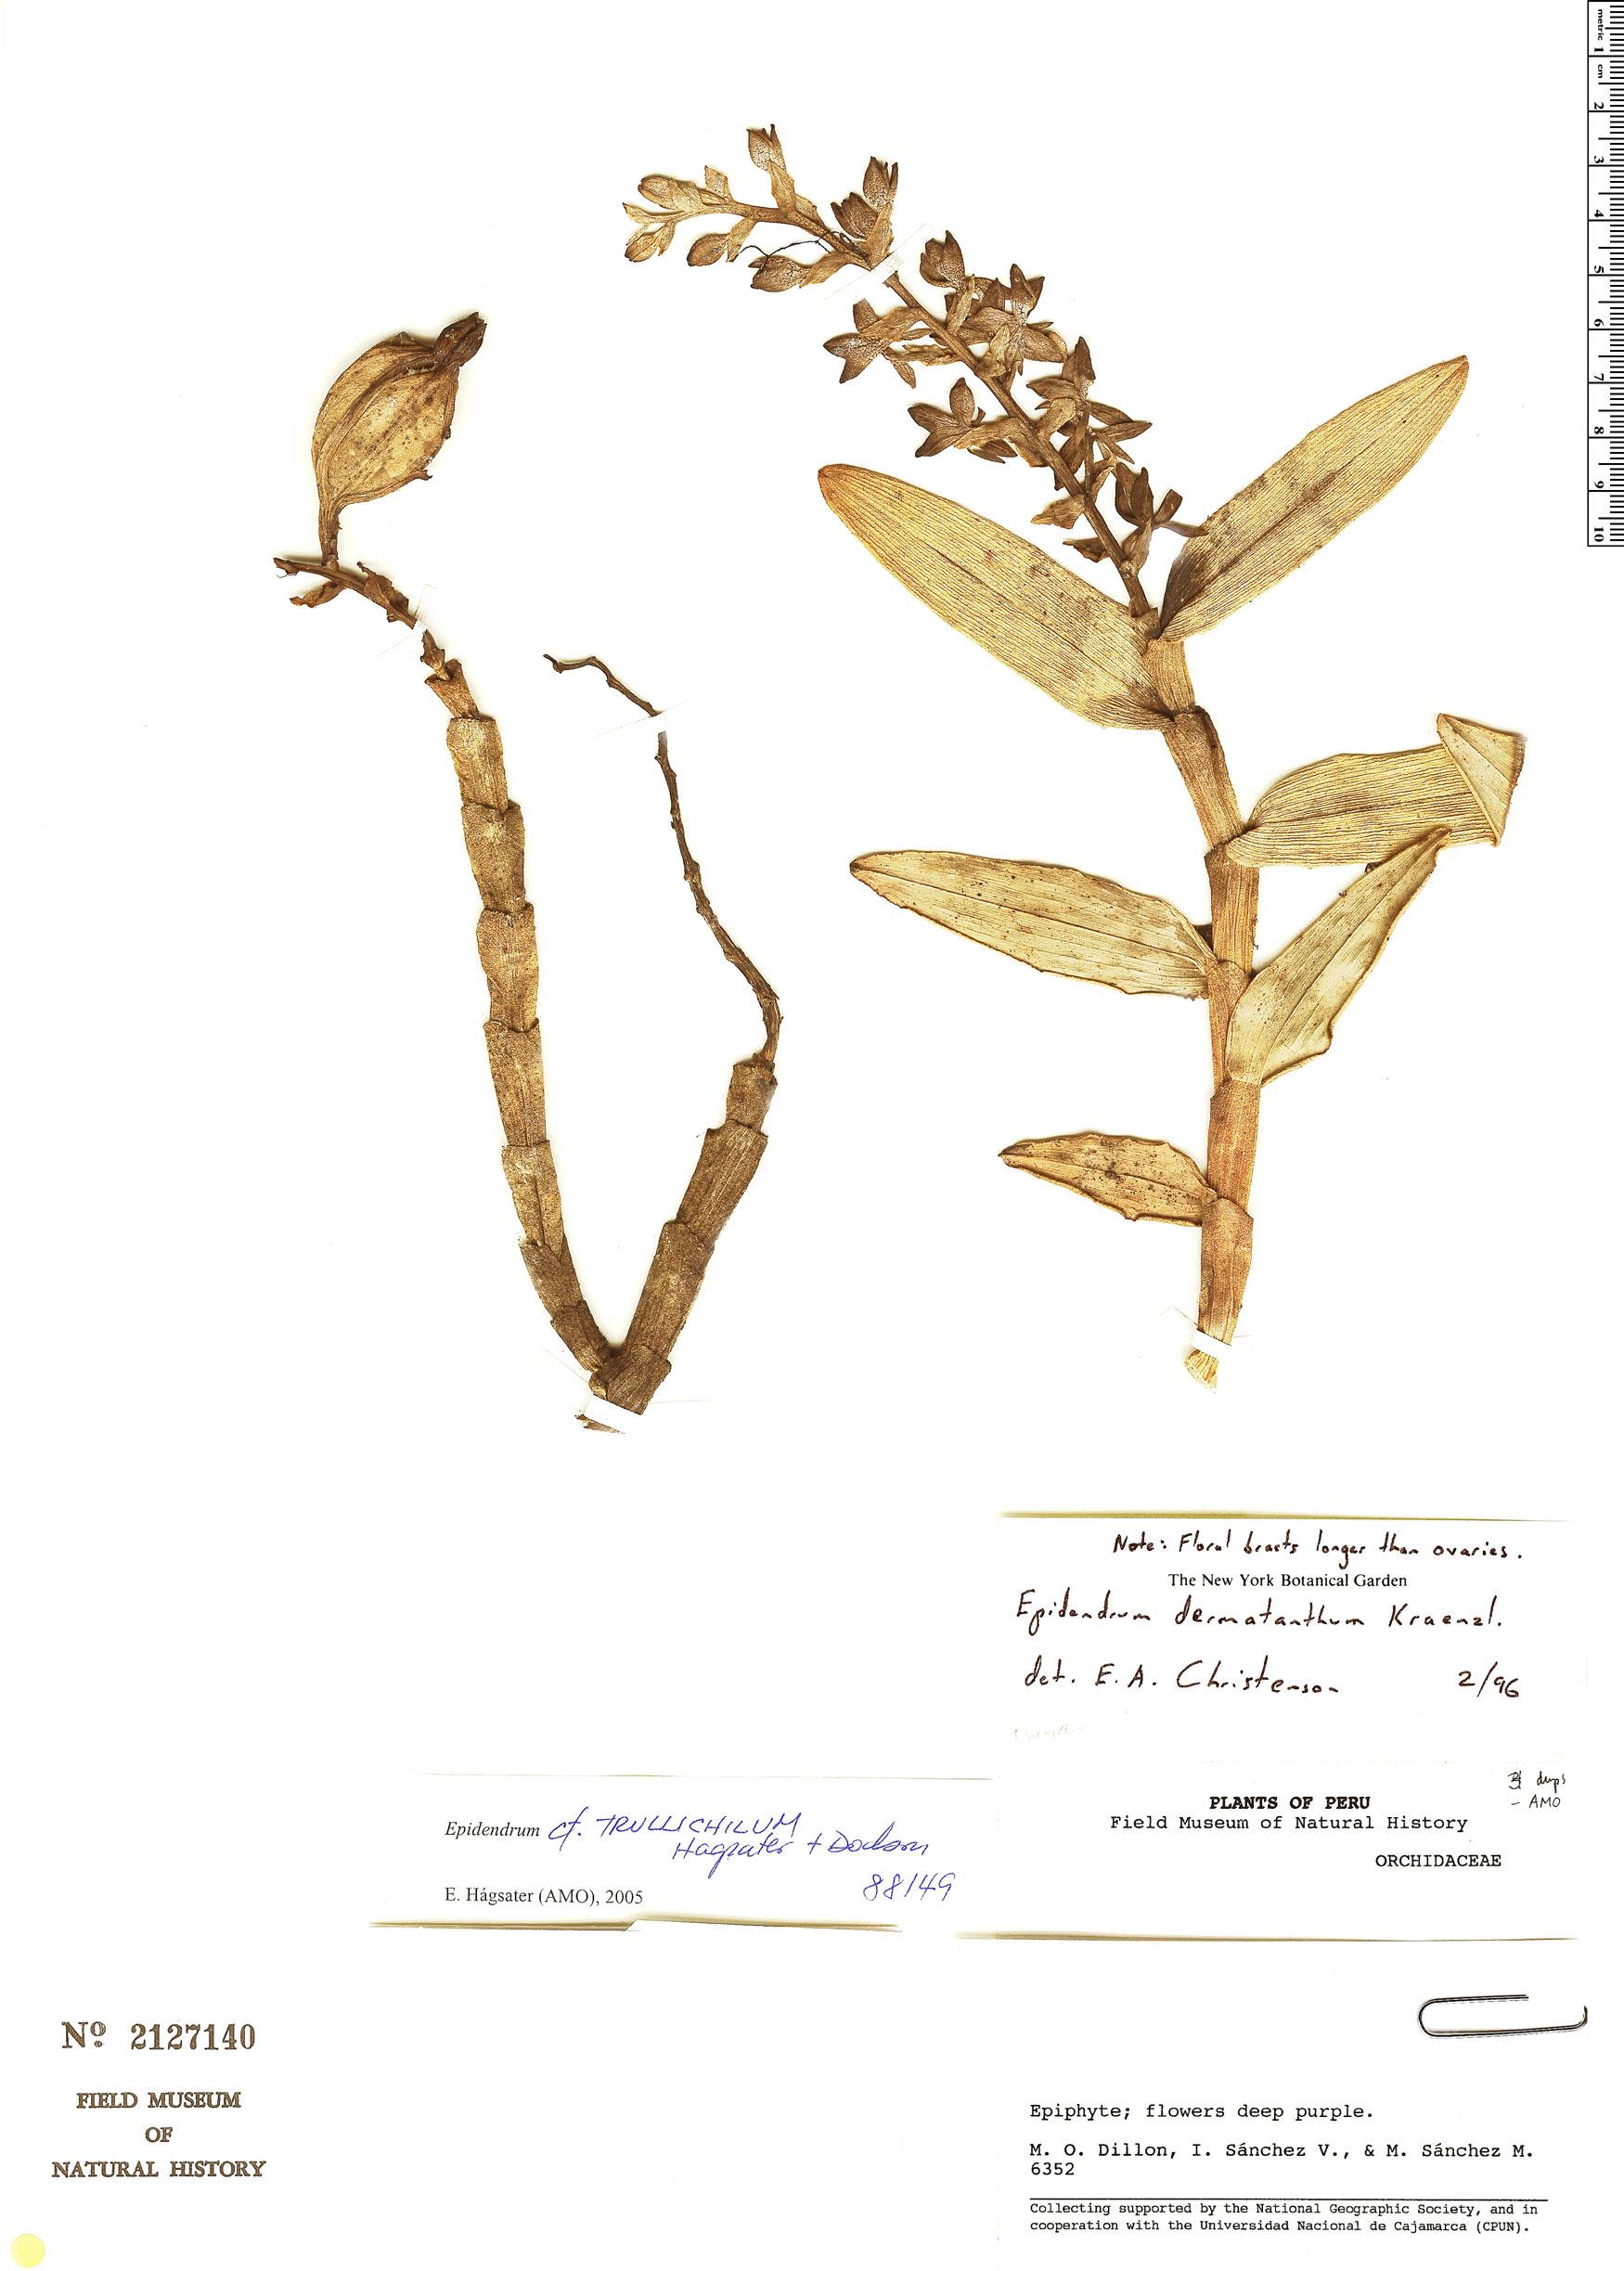 Specimen: Epidendrum trullichilum